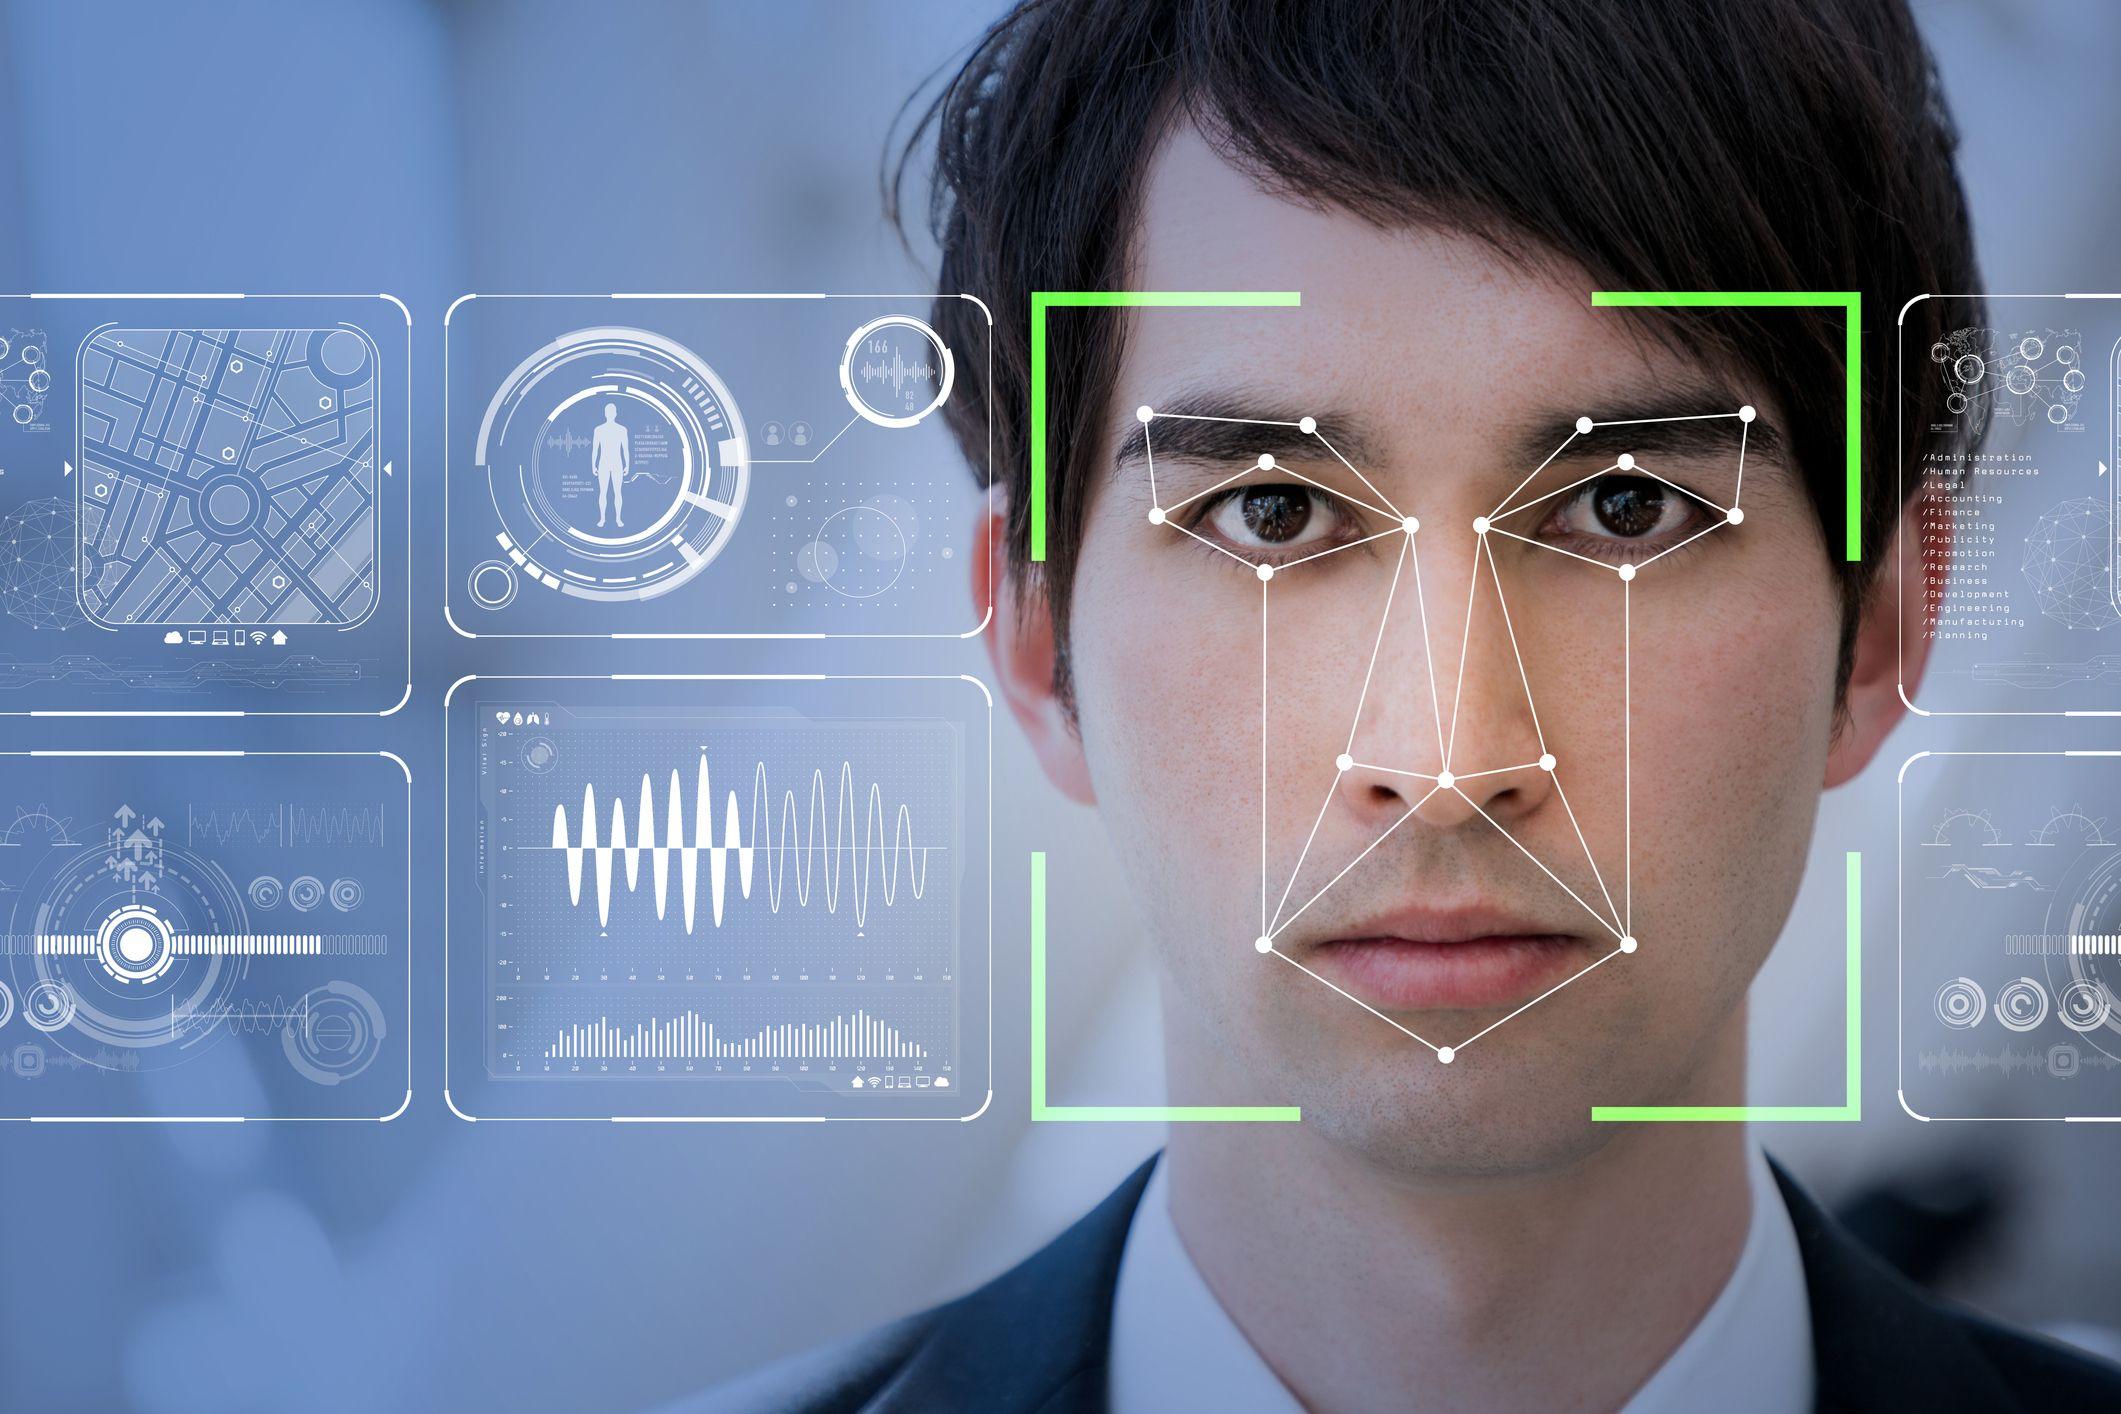 Inizia l'era del riconoscimento facciale di massa